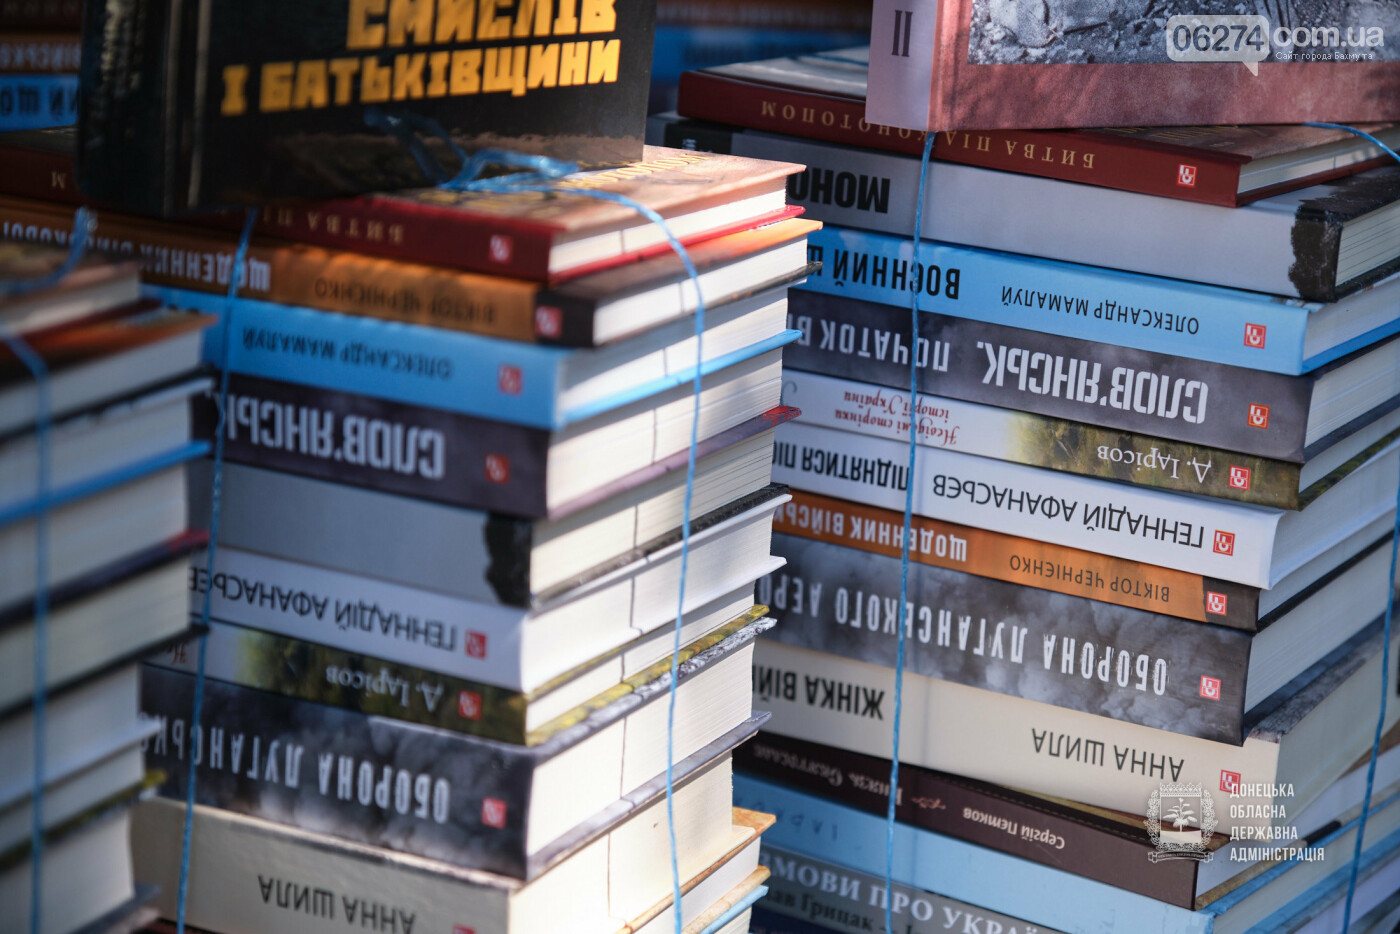 Молодежные центры области получили книги об истории Украины, выдающихся персонах и событиях АТО/ООС, фото-3